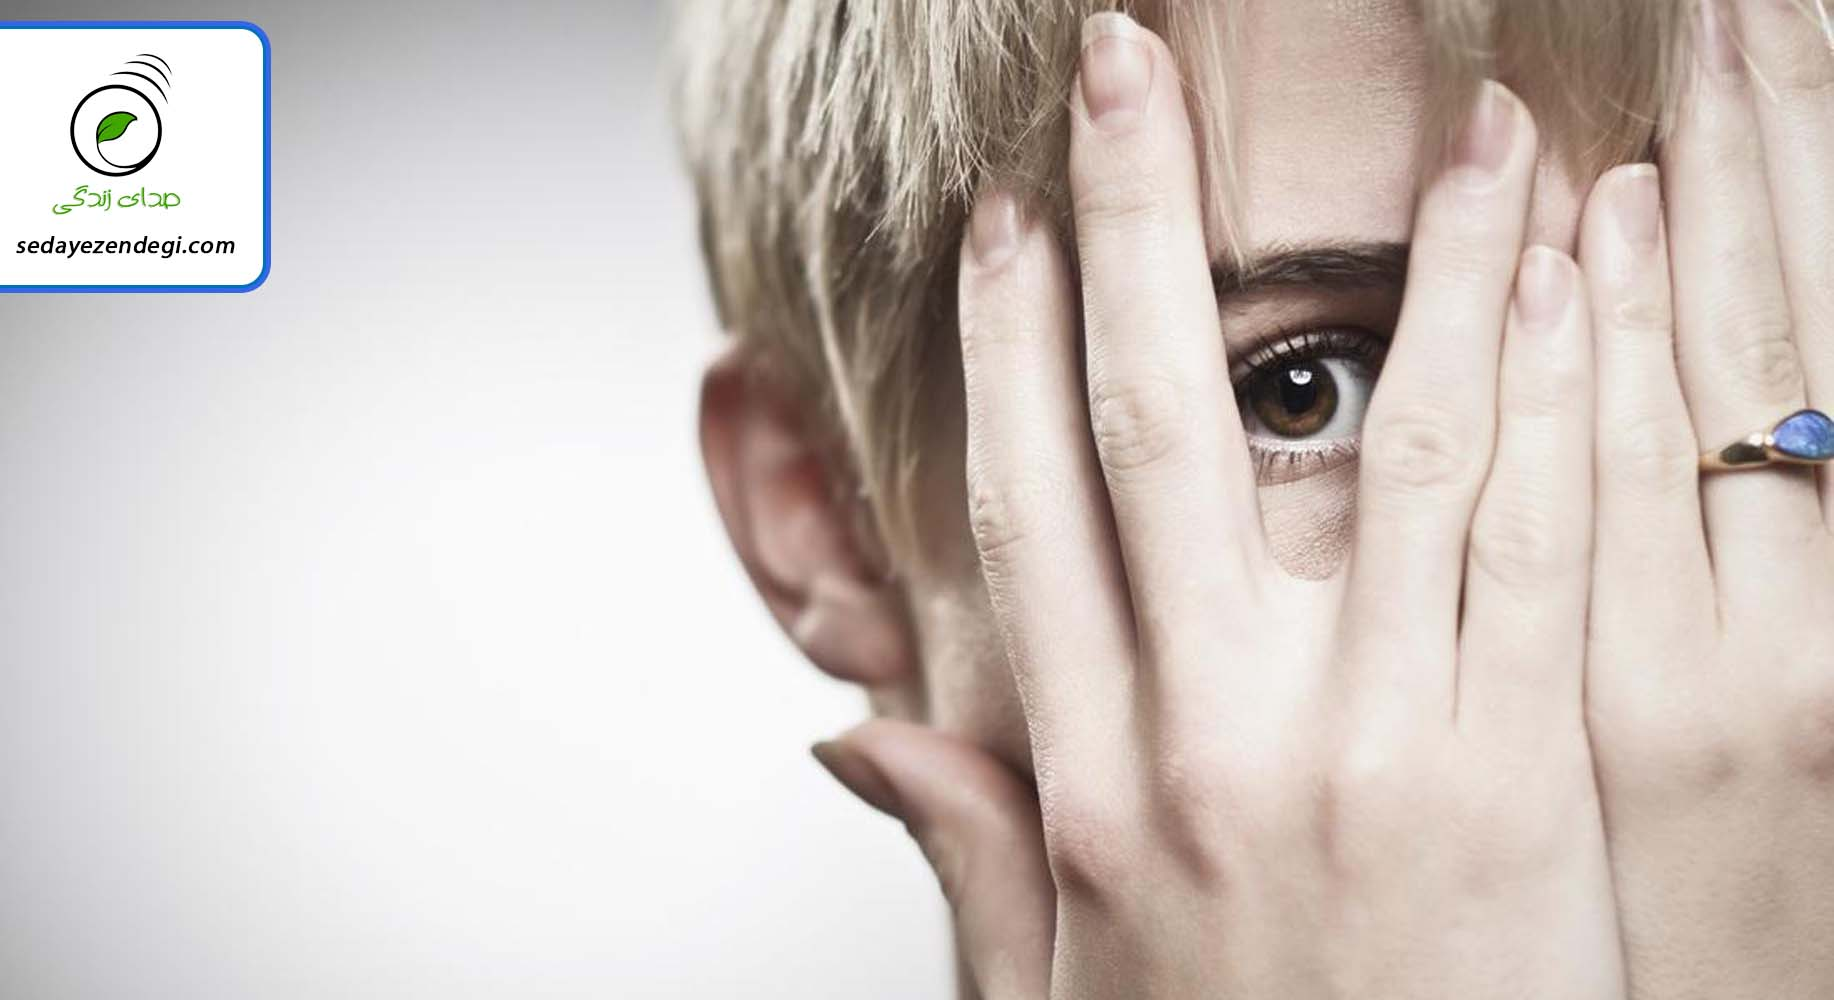 روشهای رفع خجالت و کمرویی